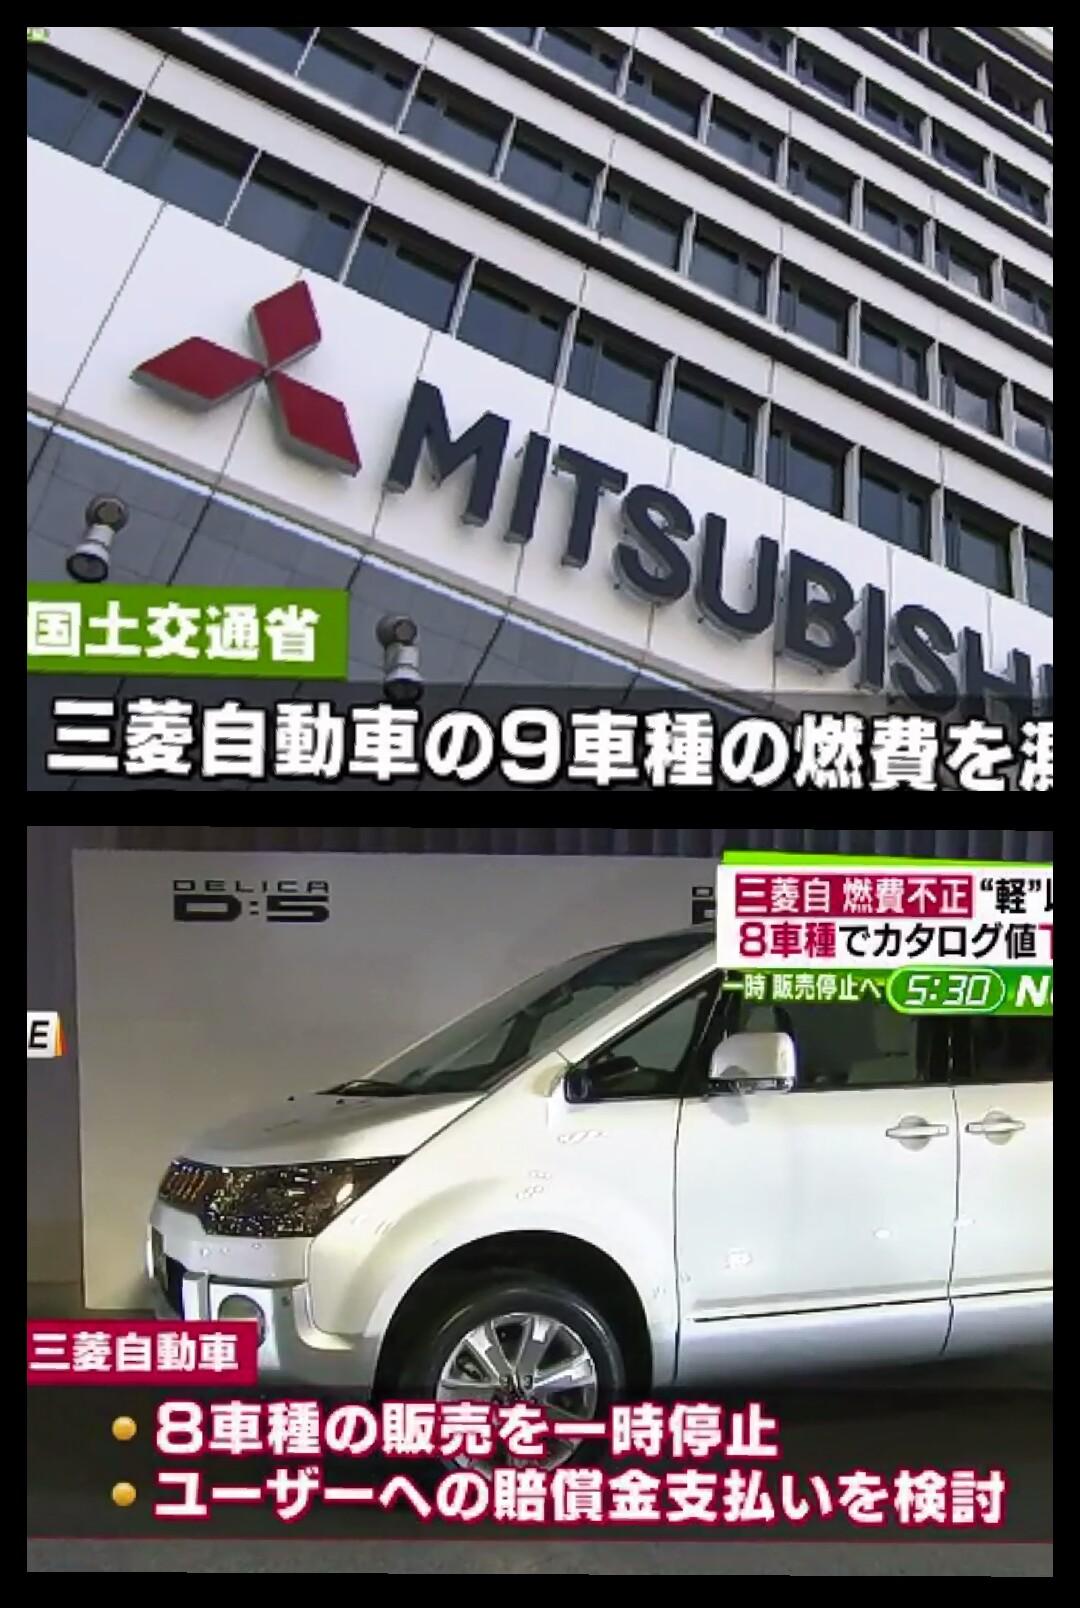 三菱8車種販売停止